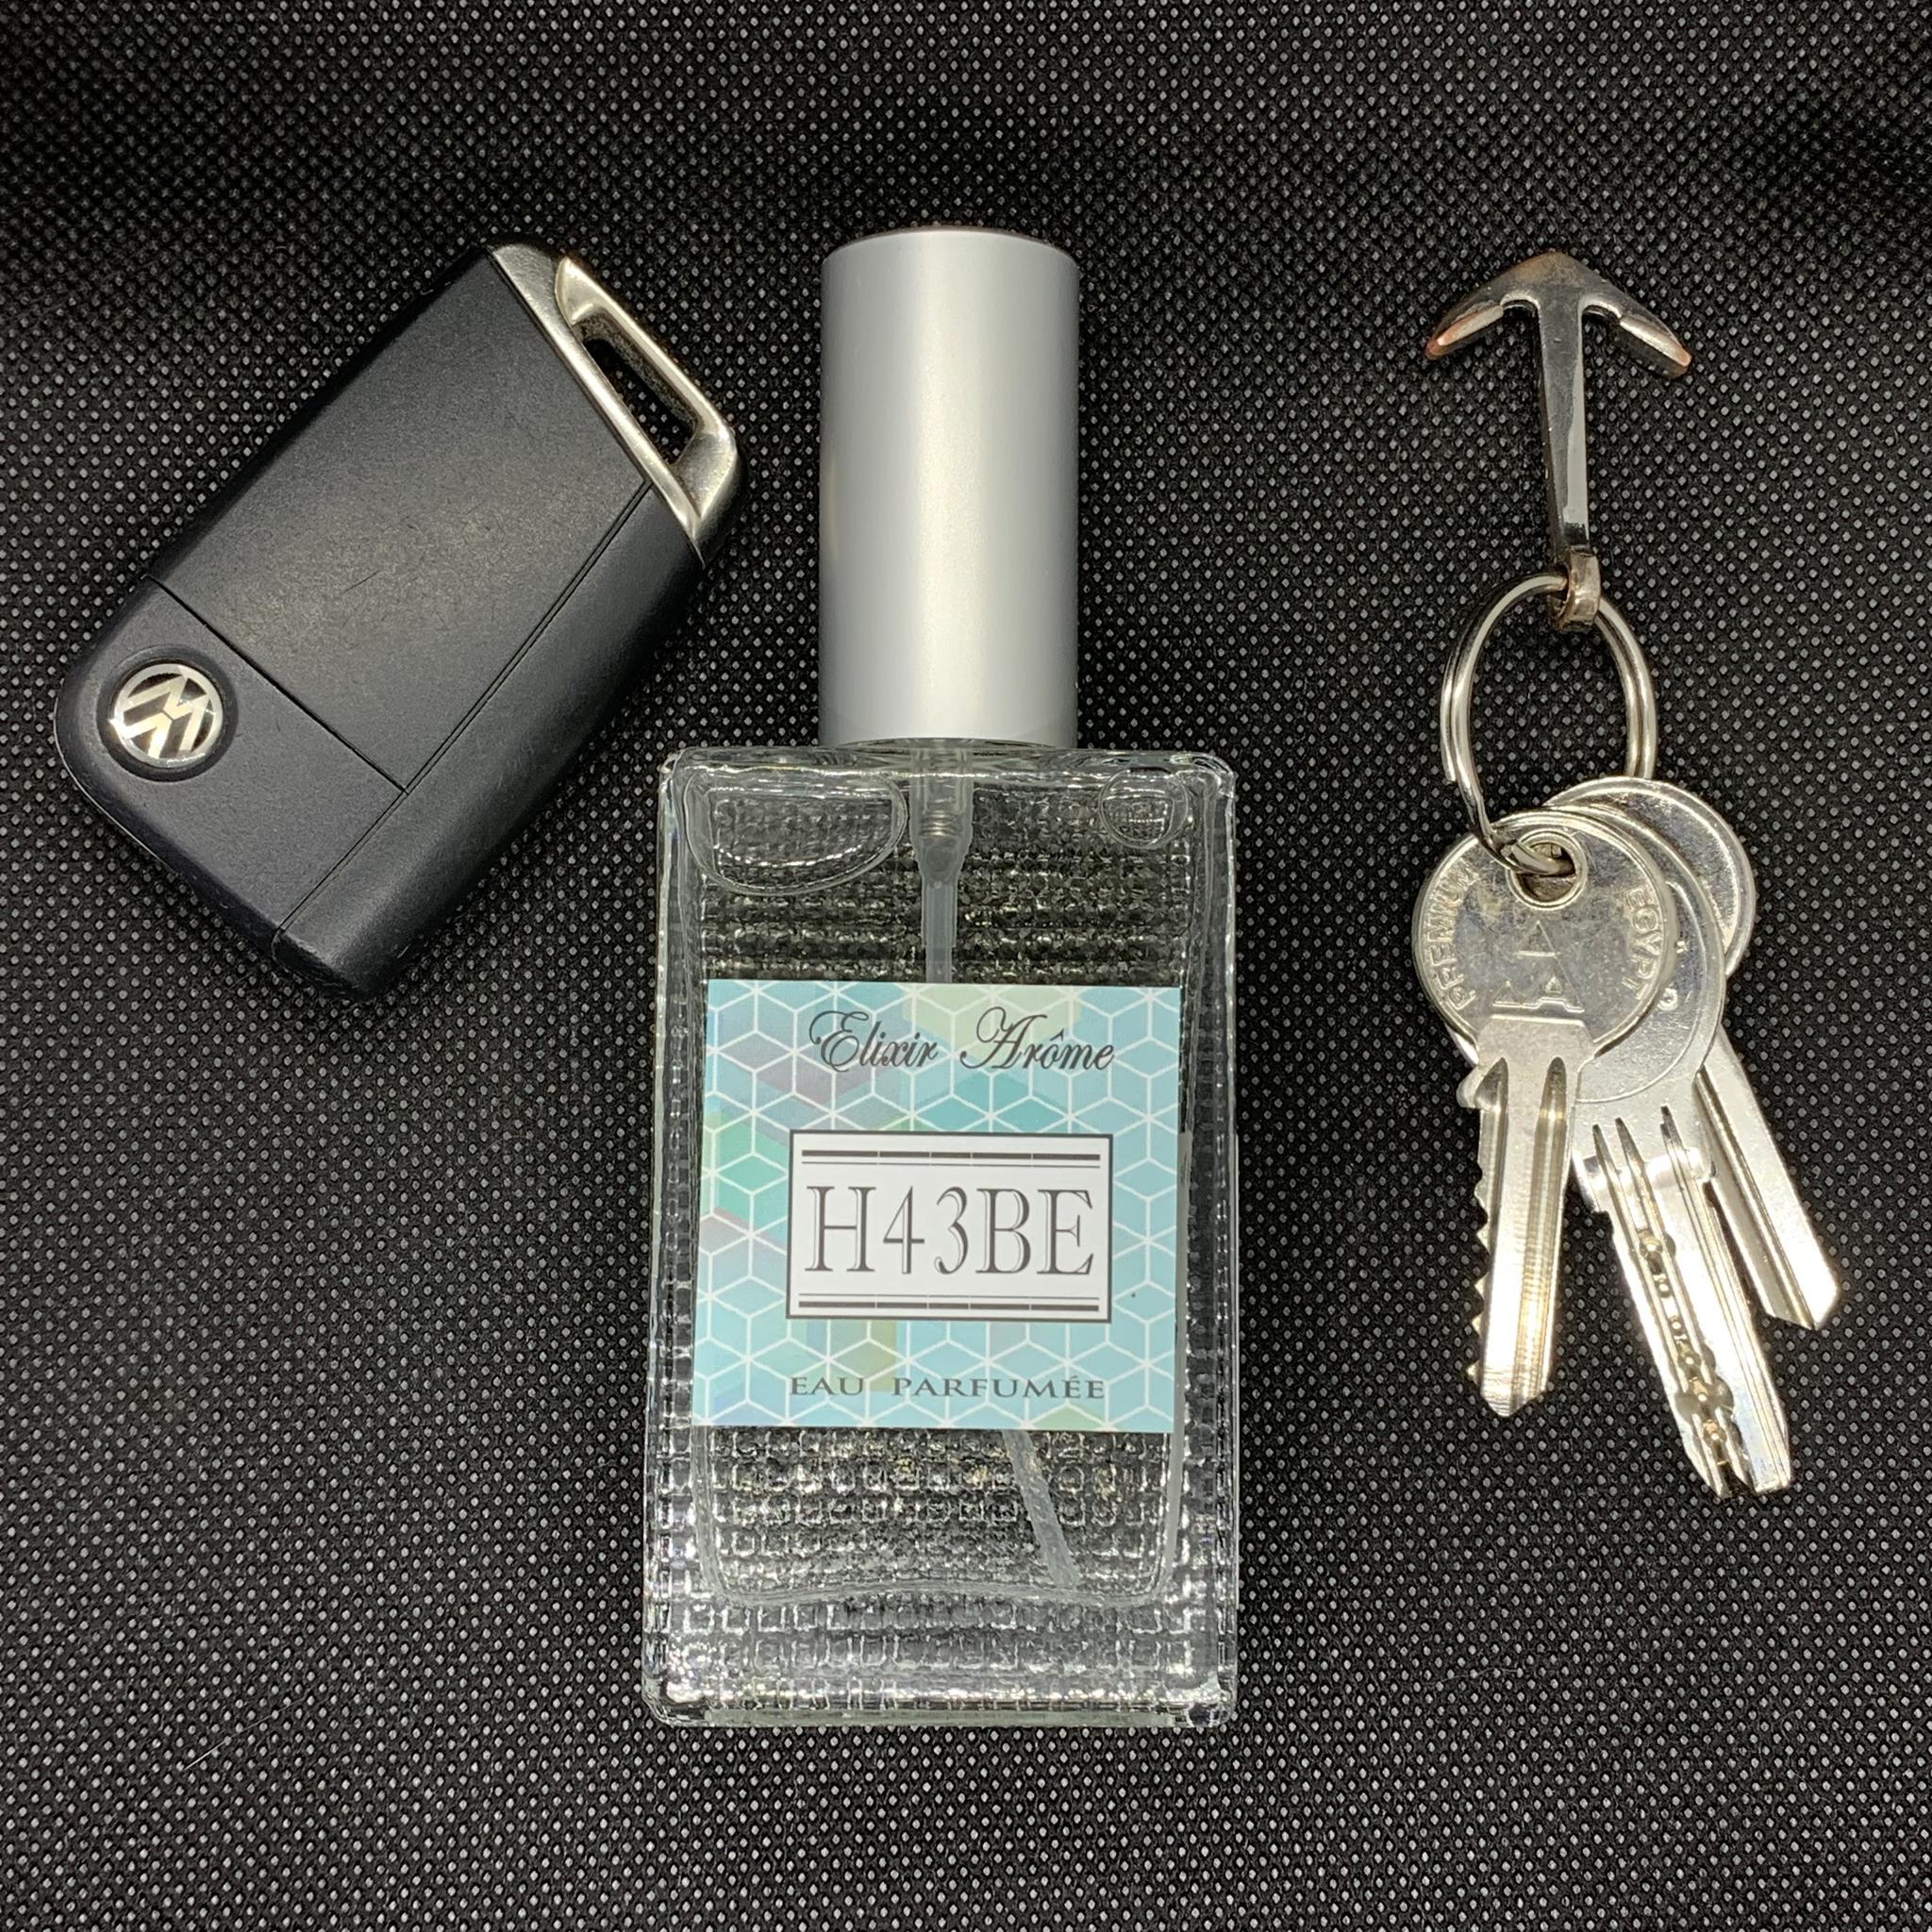 AR Elixir Aroma Парфюмированная вода H43BE 50 ml